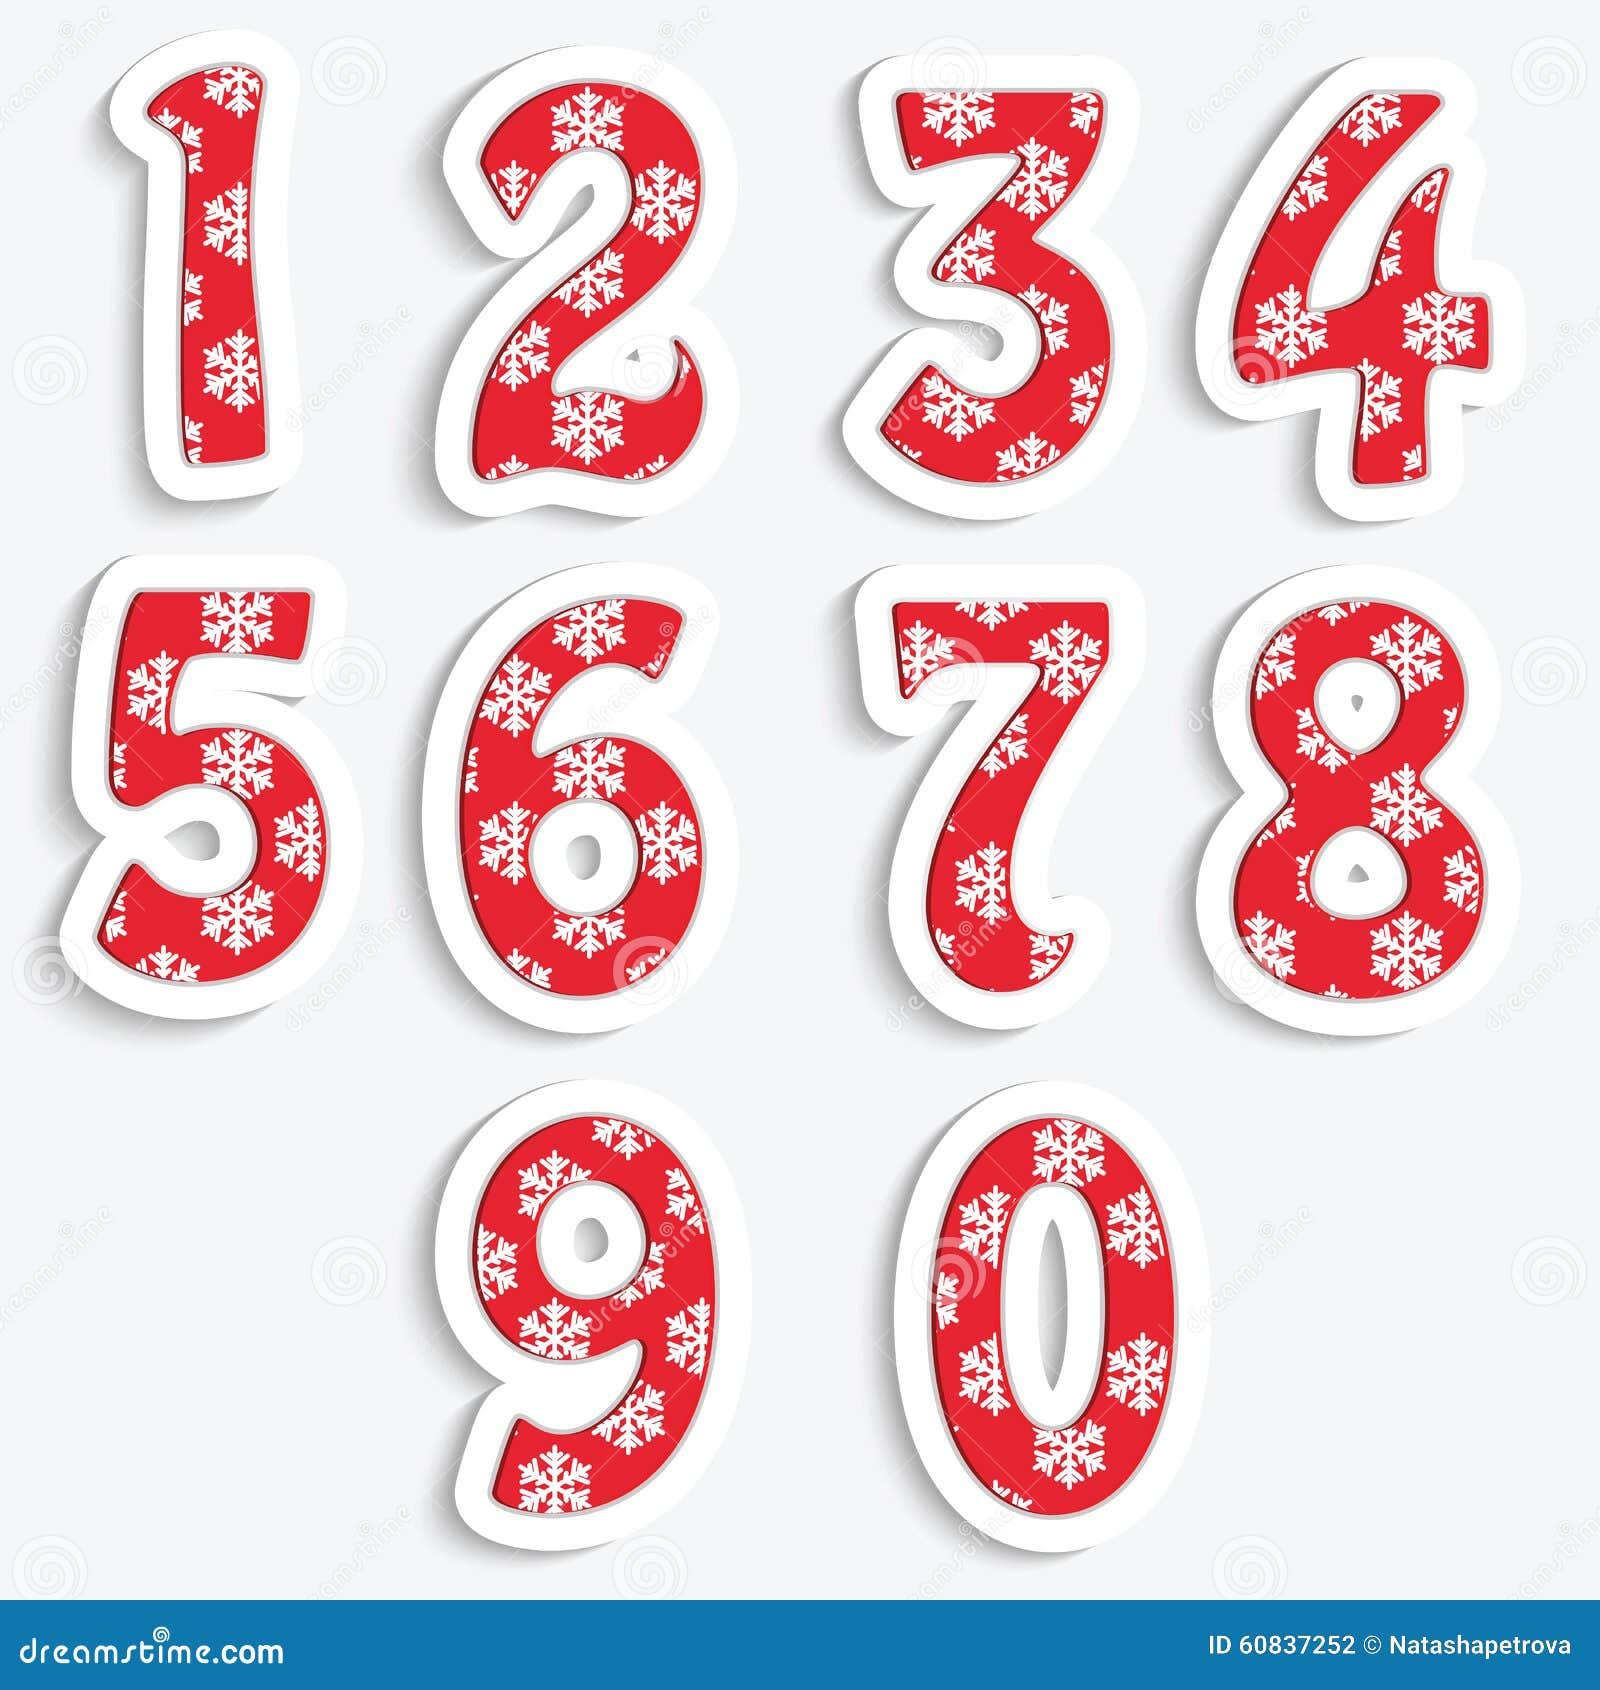 chiffre noel Les Chiffres Pour La Conception De Noël Illustration de Vecteur  chiffre noel